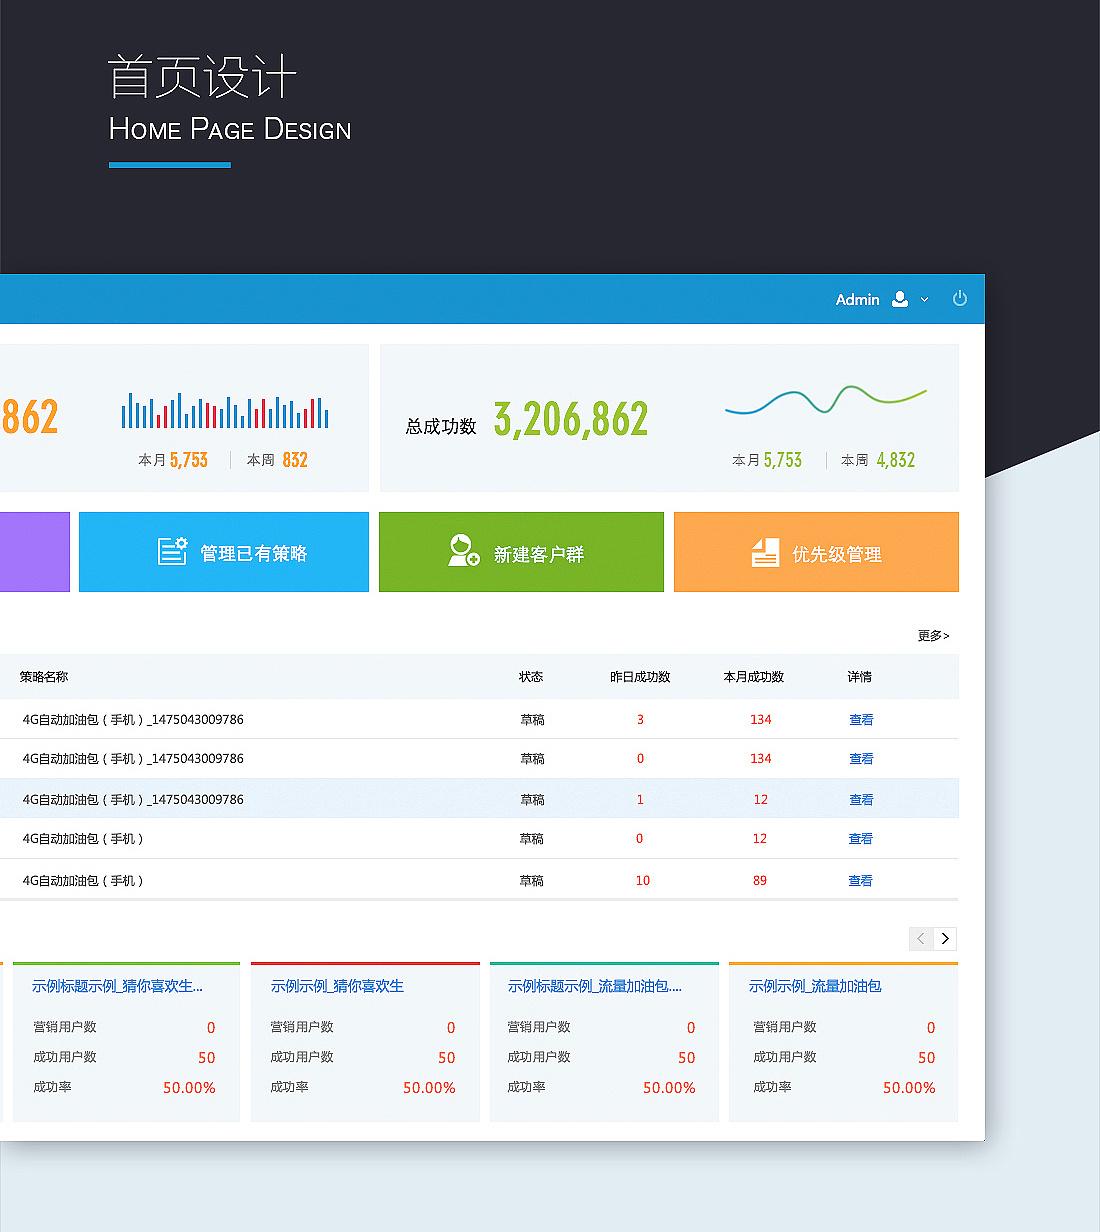 大数据分析_大数据分析师薪水